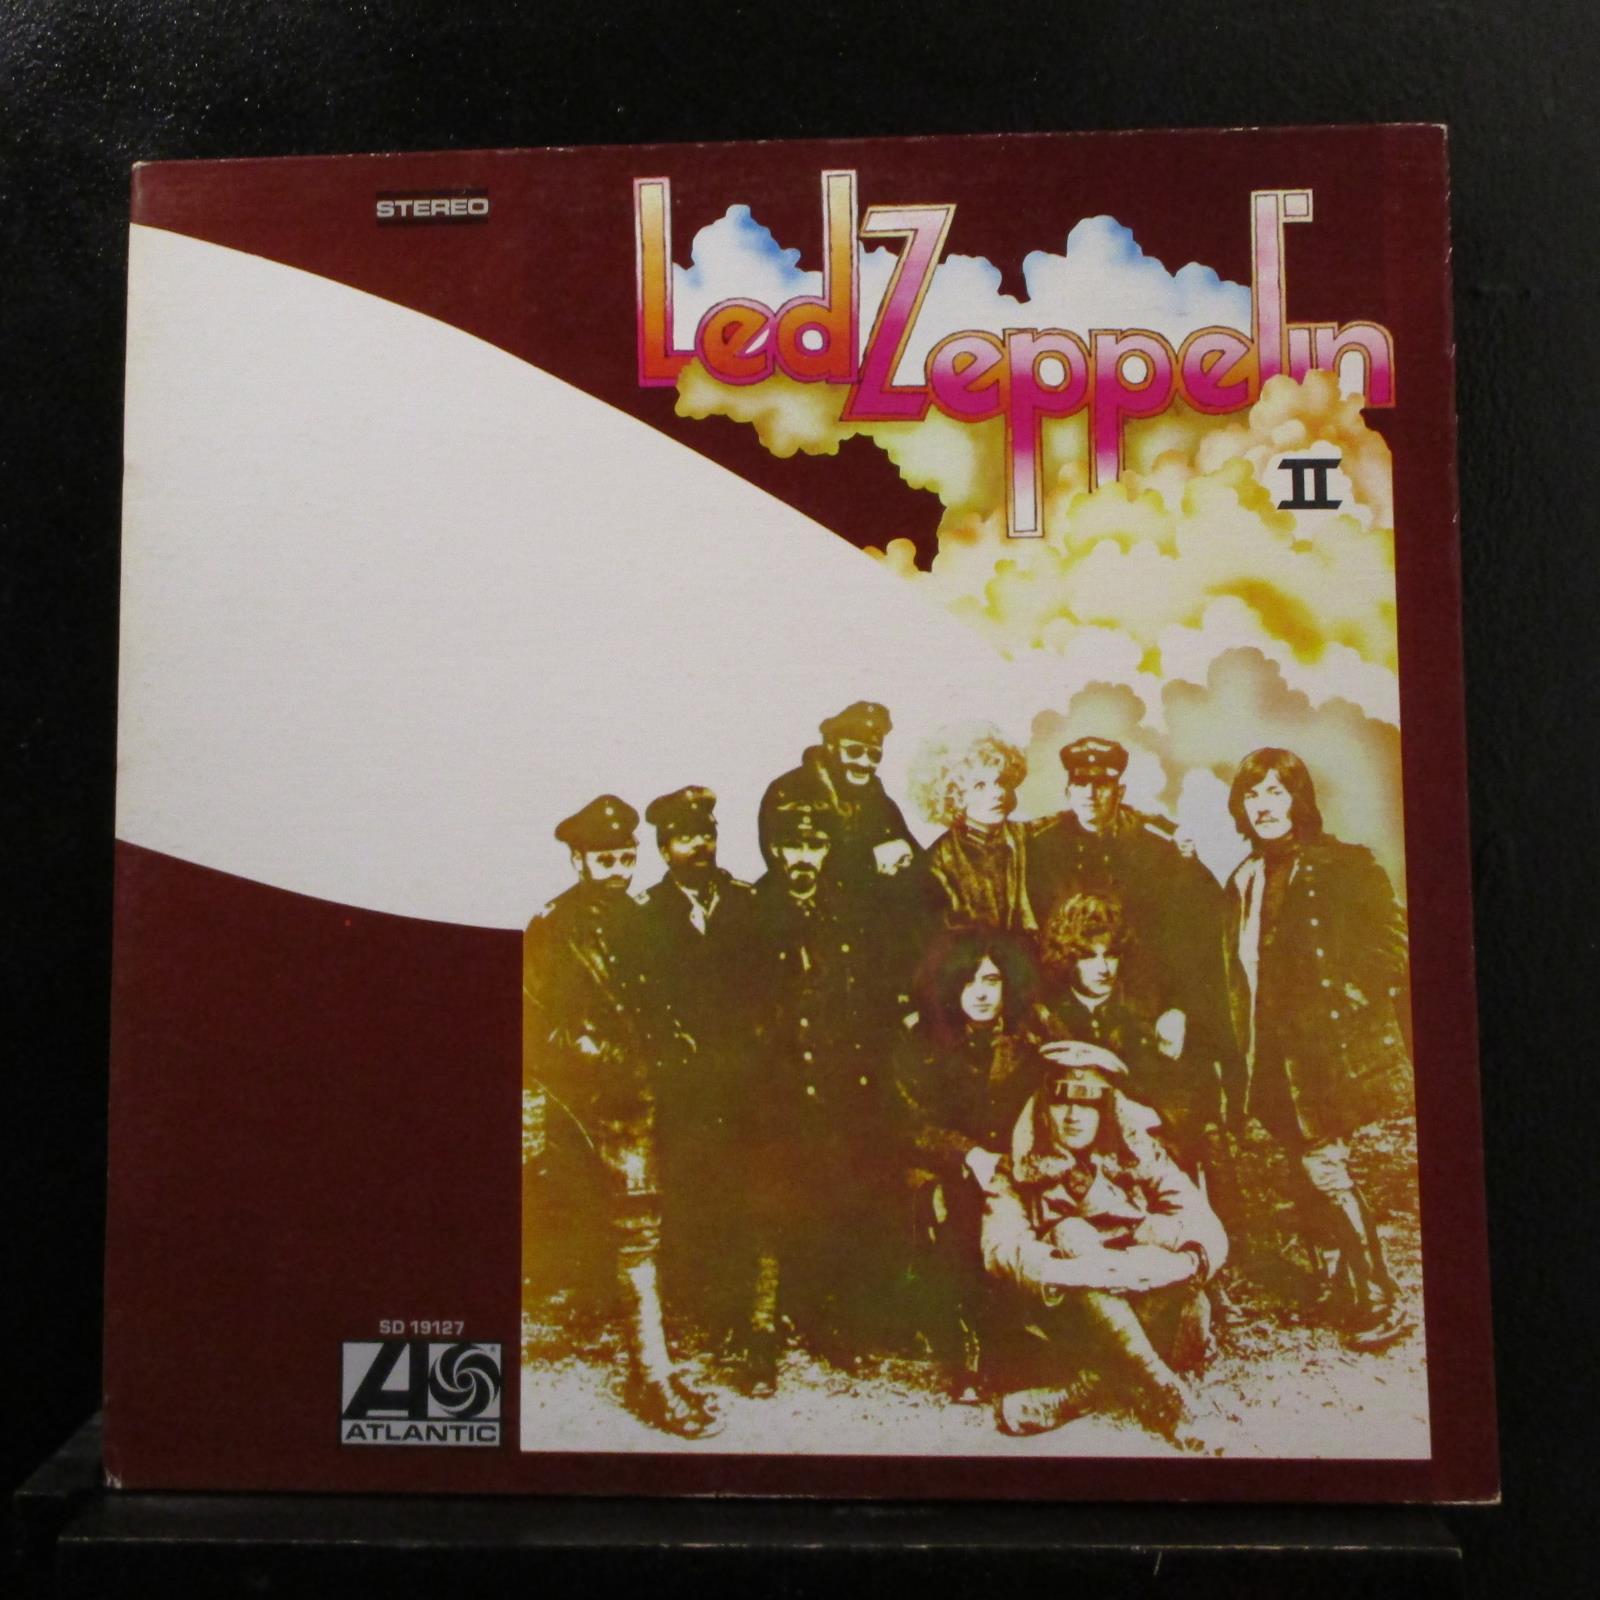 94f6c1667d Led Zeppelin - Led Zeppelin II LP Mint- SD 19127 Atlantic Stereo ...